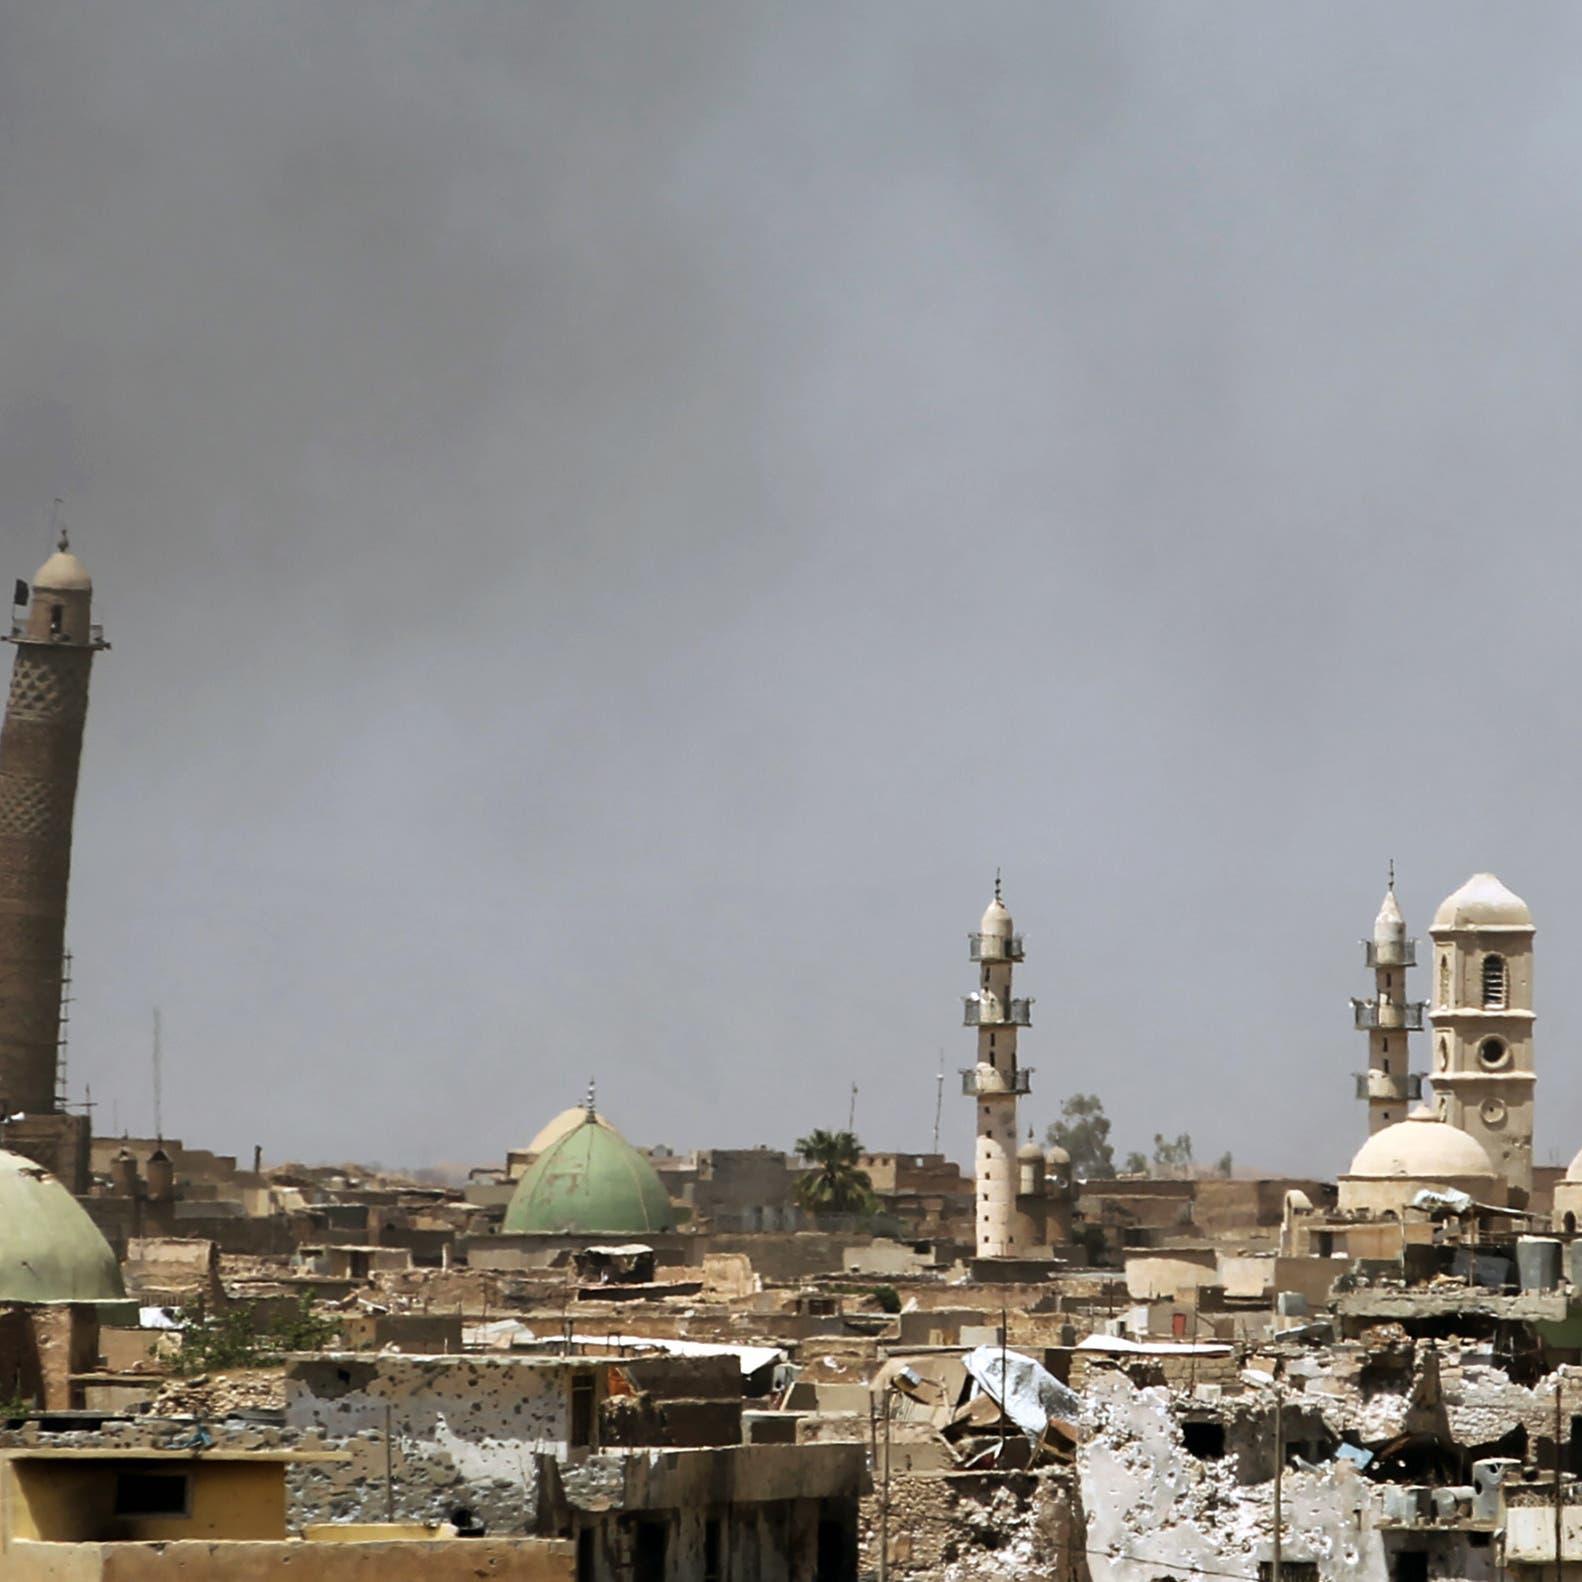 البغدادي اندثر.. جامع الموصل ينفض غبار داعش بأياد مصرية